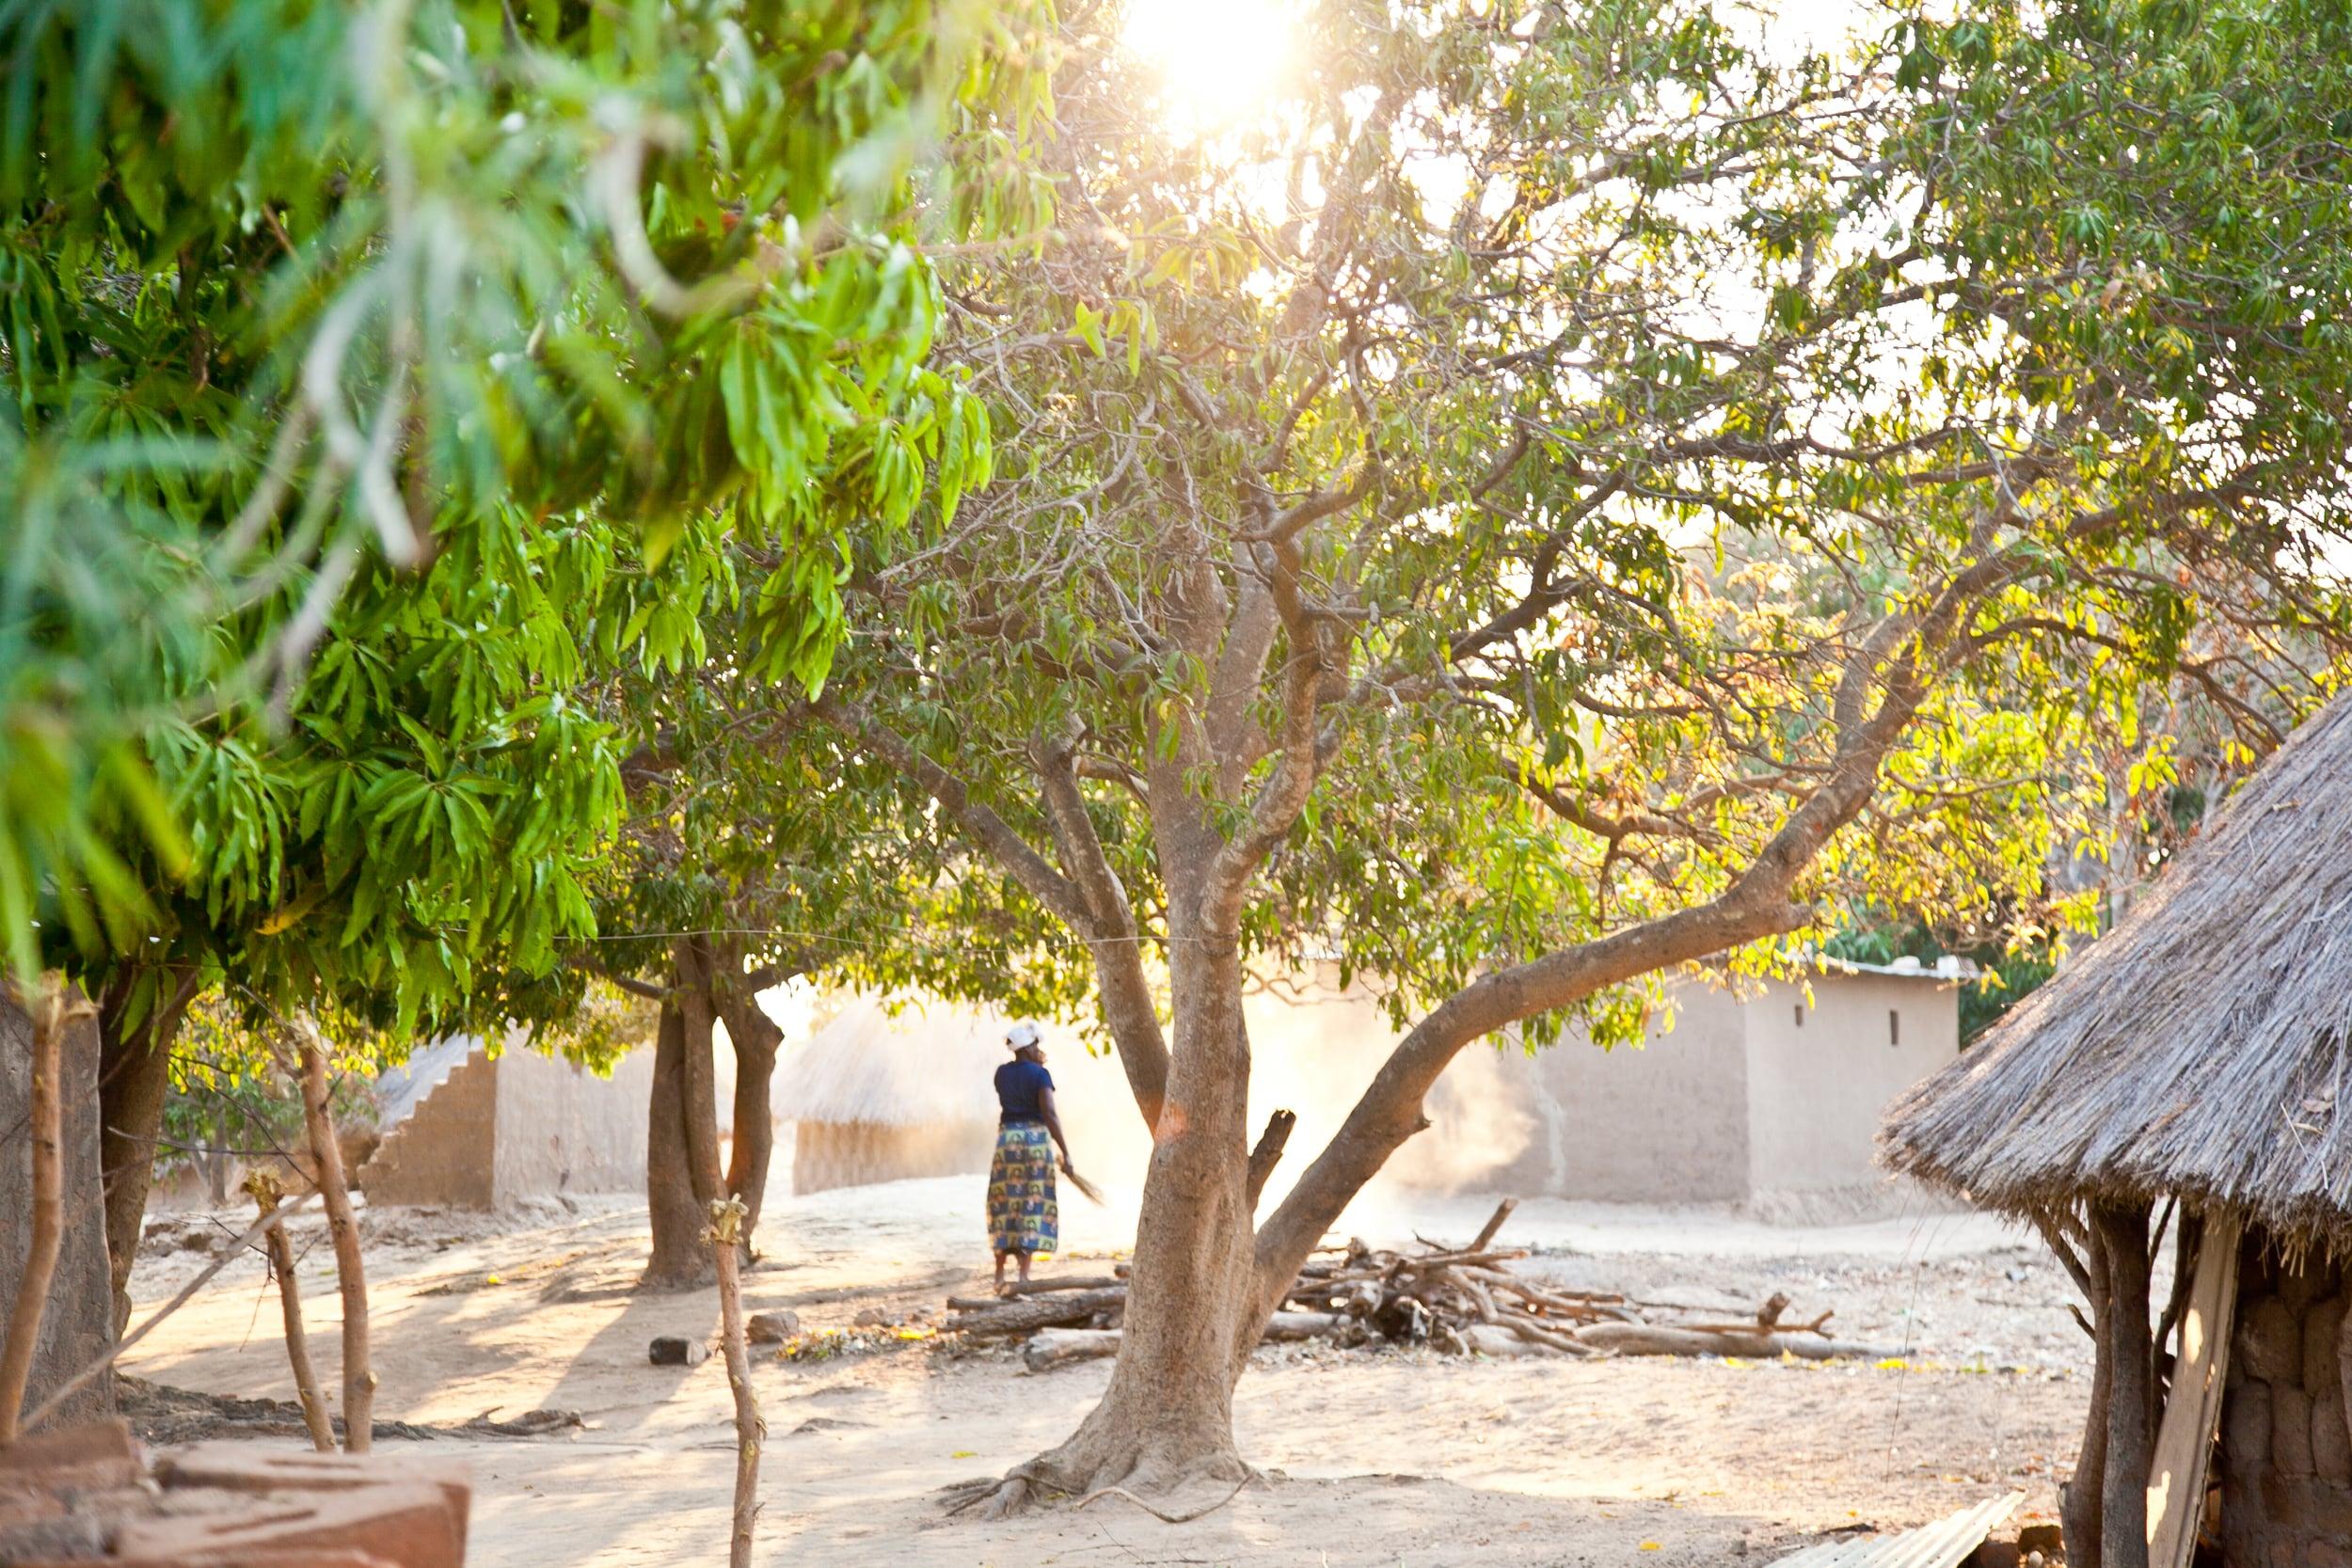 IMG_5276-village-outside-lusaka-zambia-africa-trisa-taro.jpg